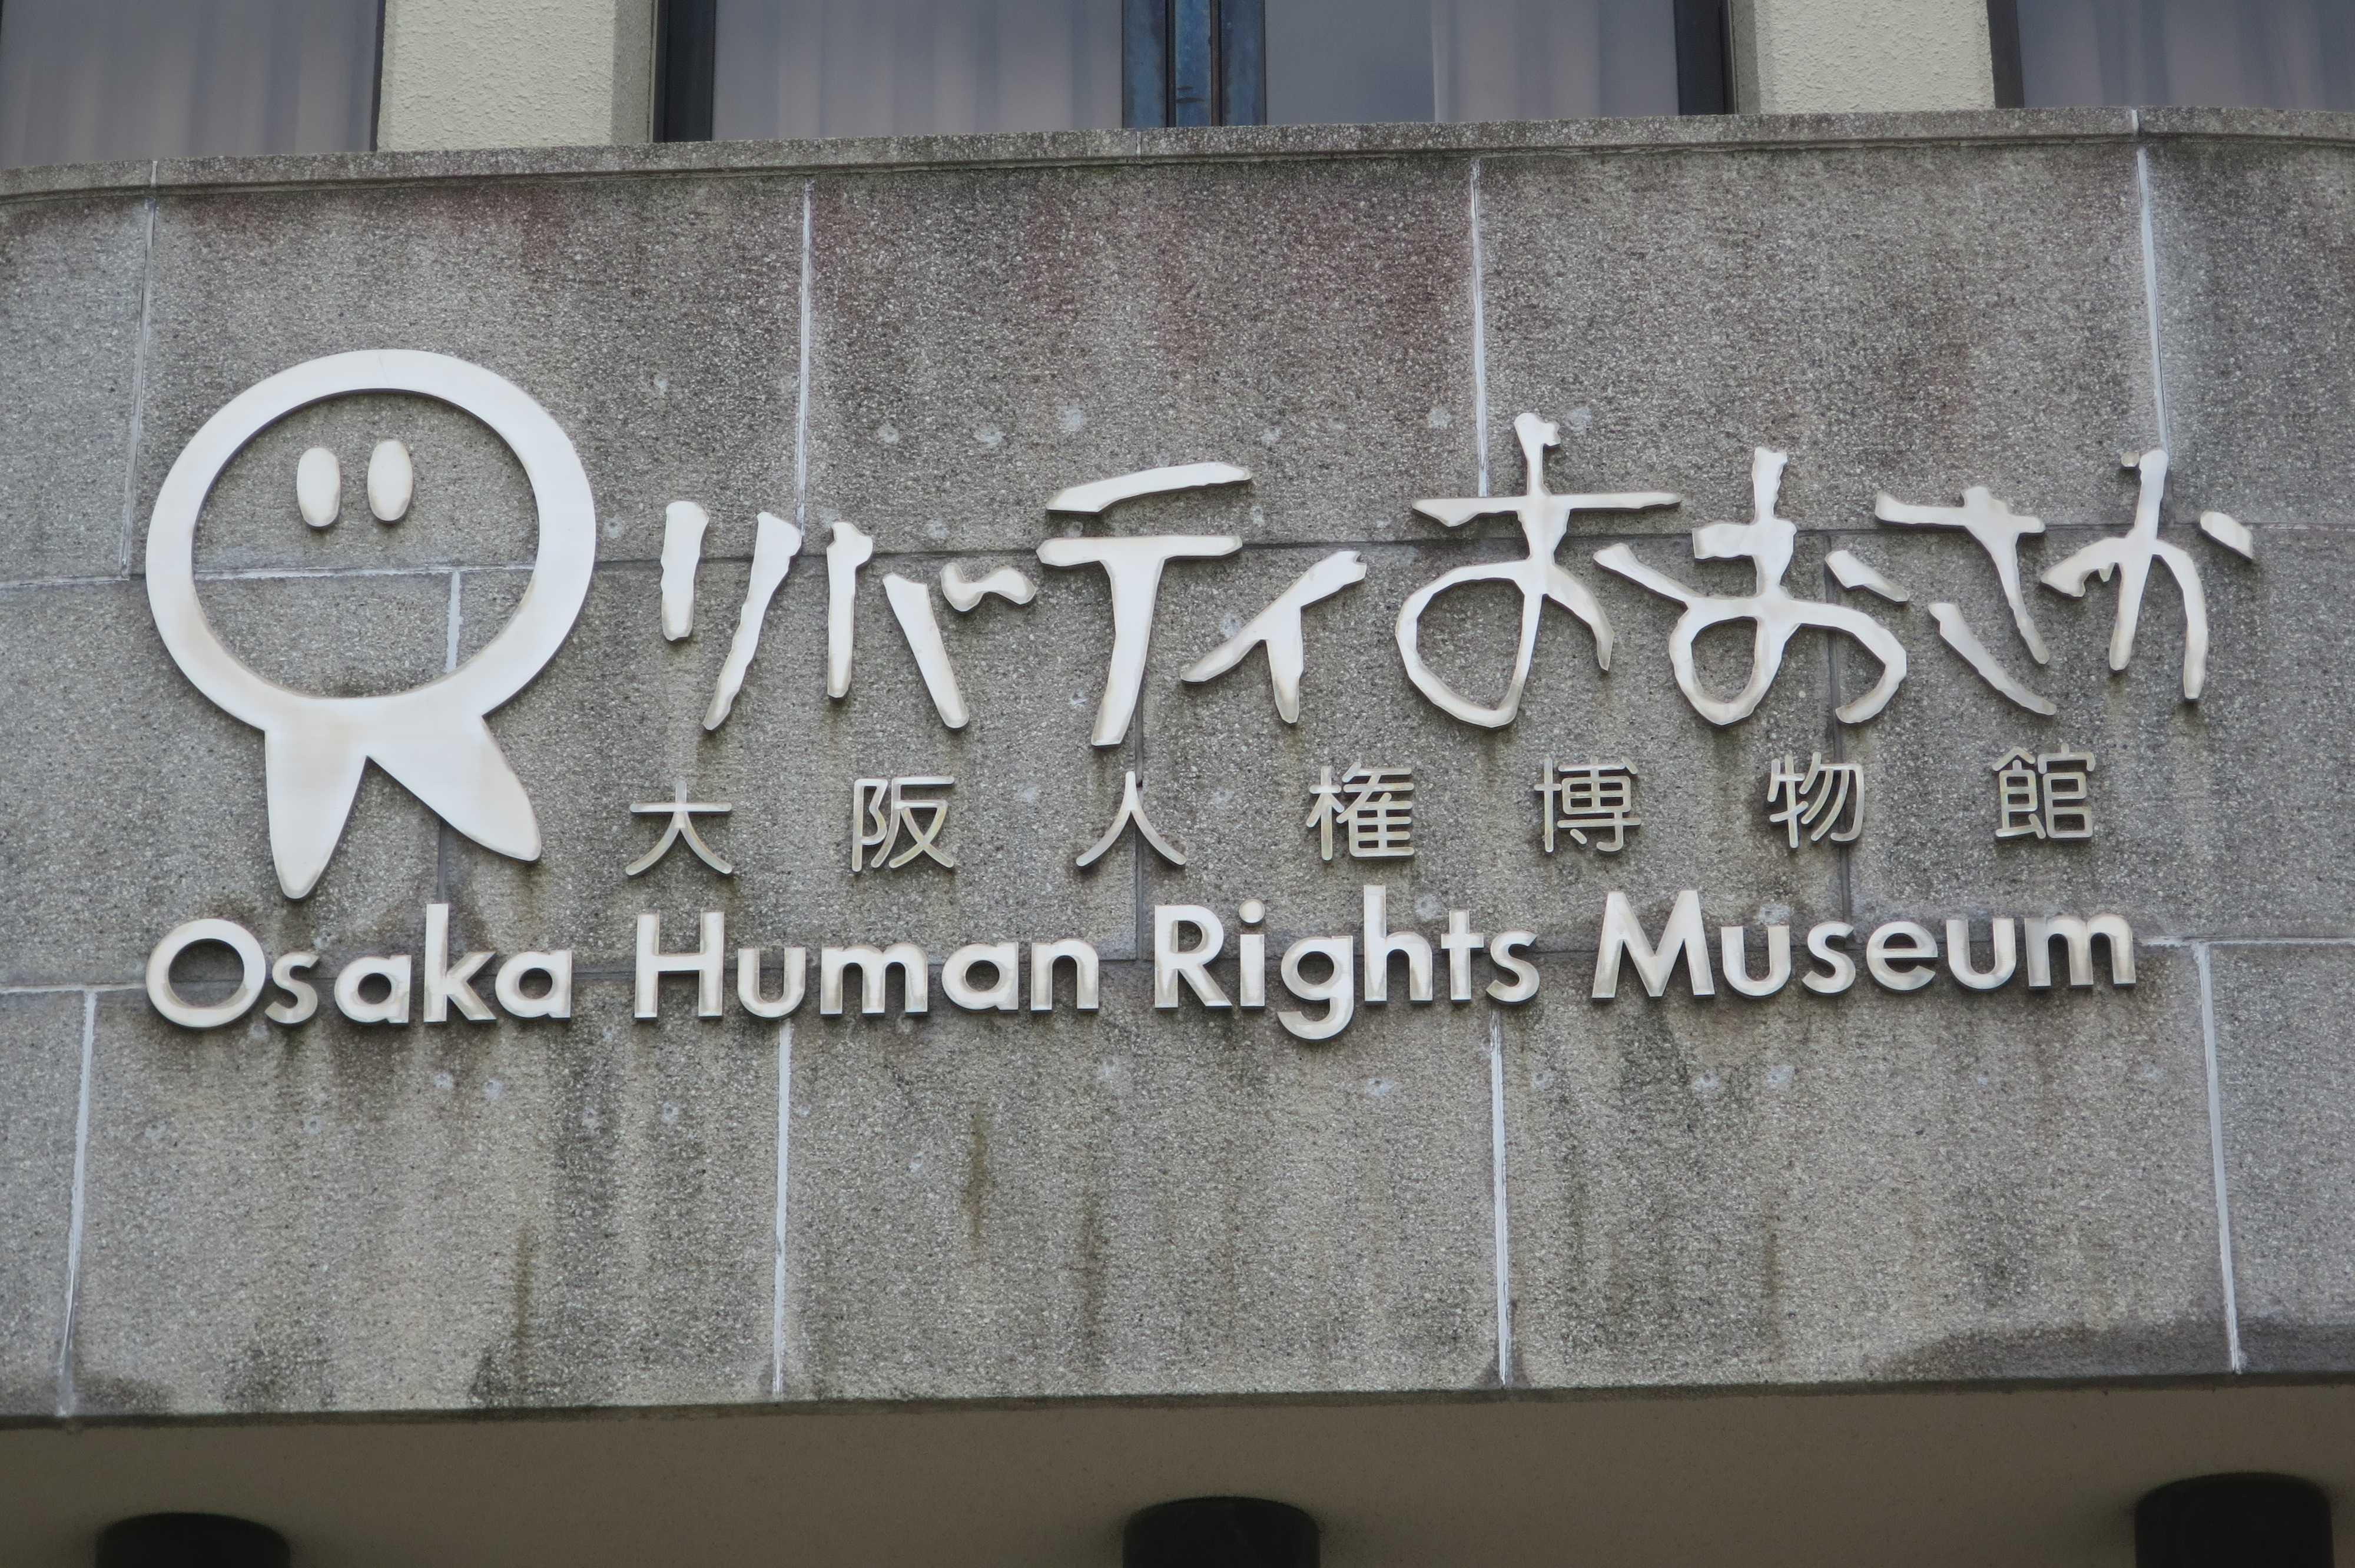 日本で唯一の人権博物館「大阪人権博物館(リバティおおさか)」